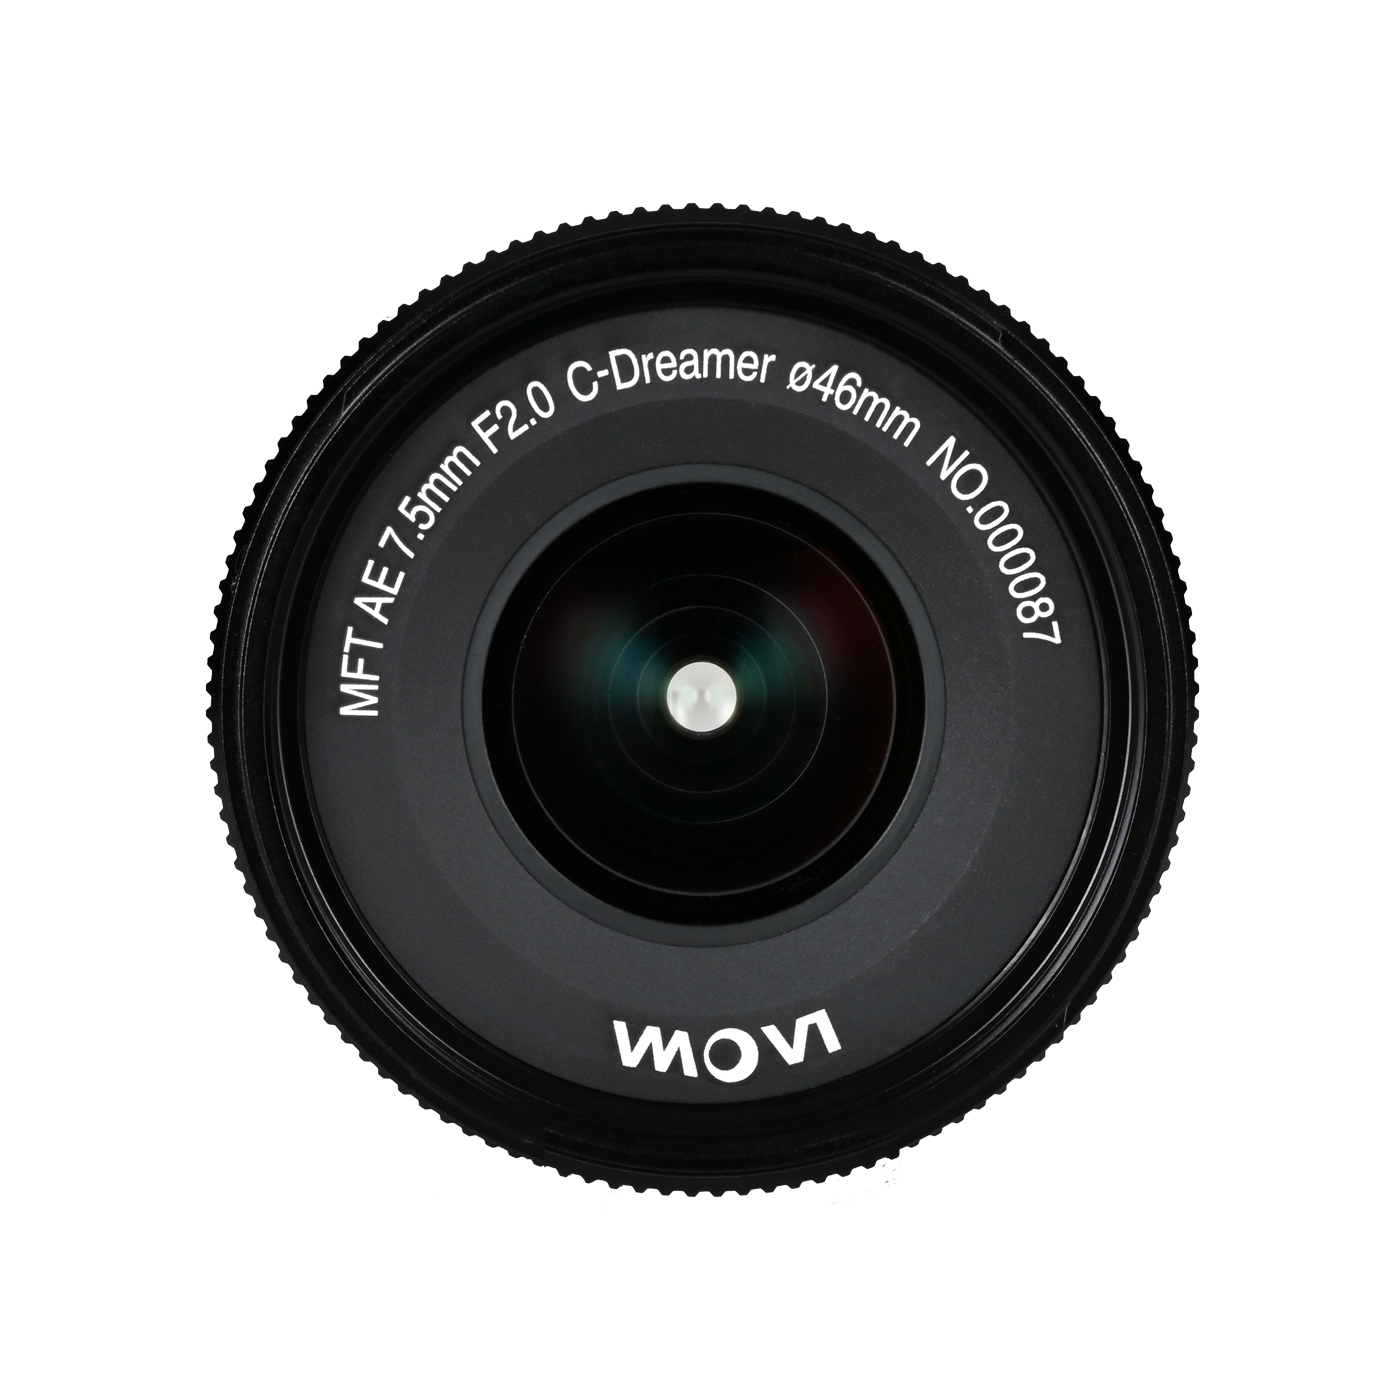 LAOWA 7,5mm 1.2,0 A für MFT schwarz